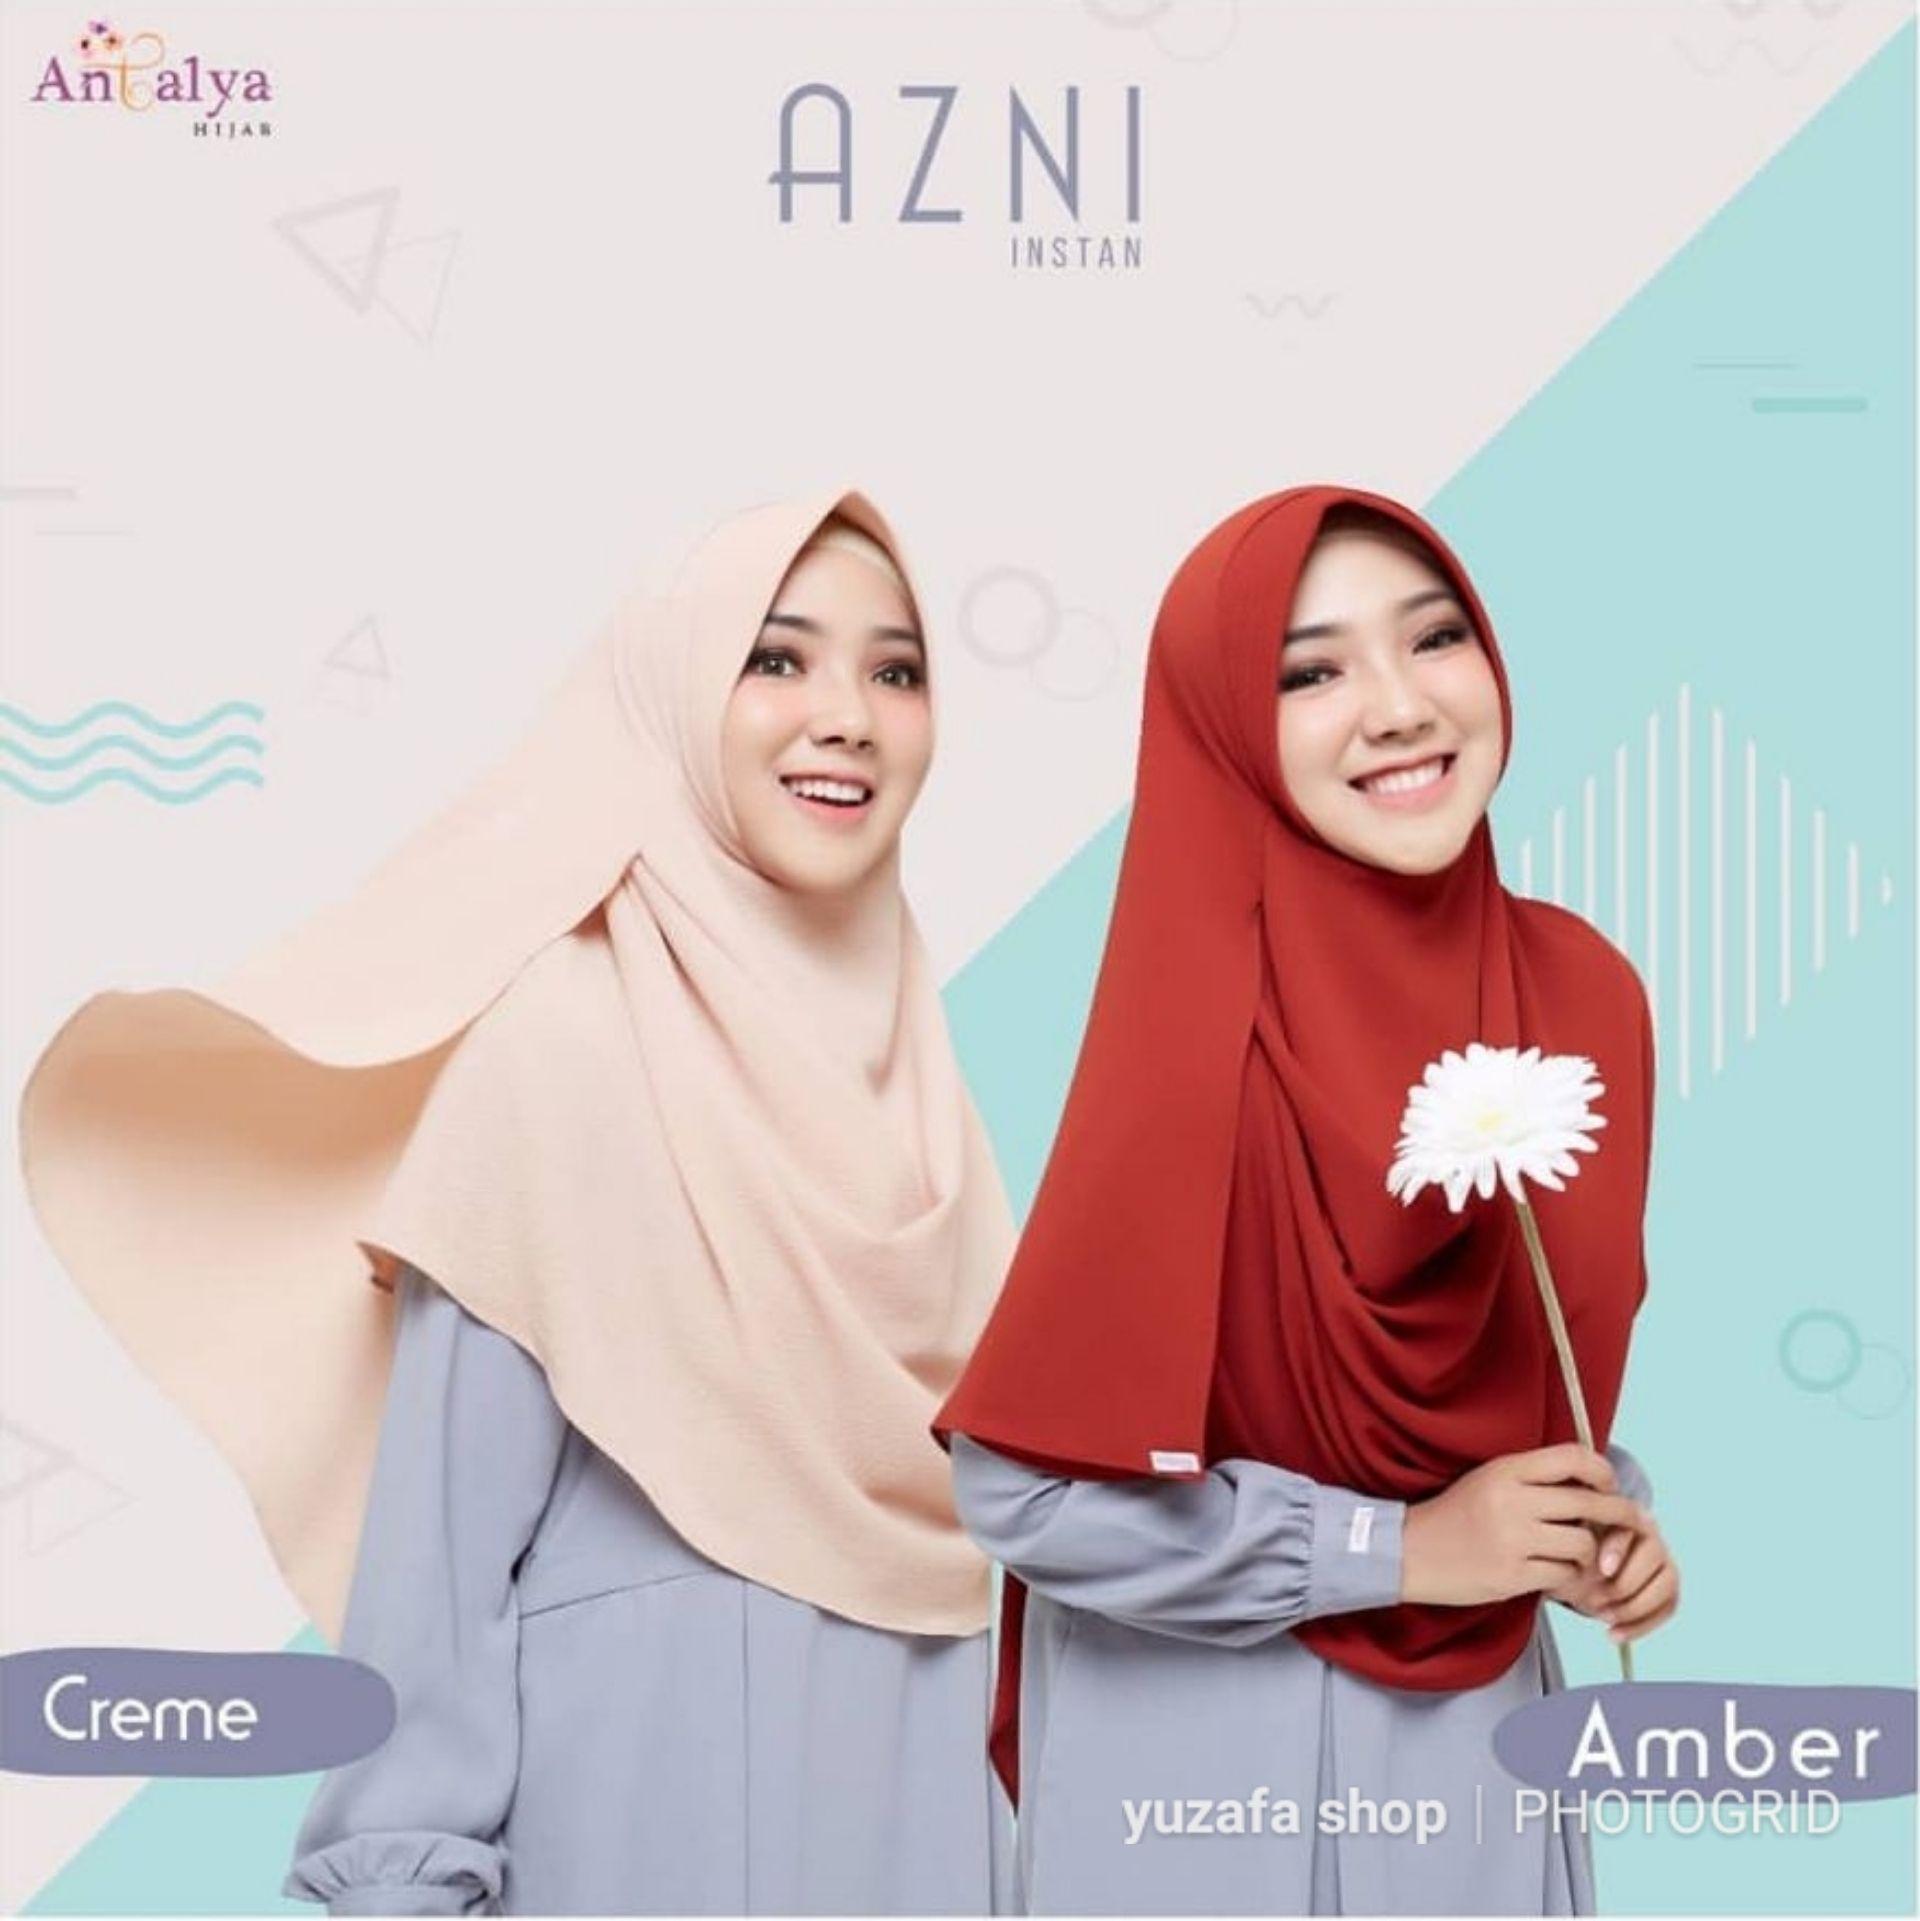 Antalya Hijab Azni Instan Size S Cream Yuzafa Olshop